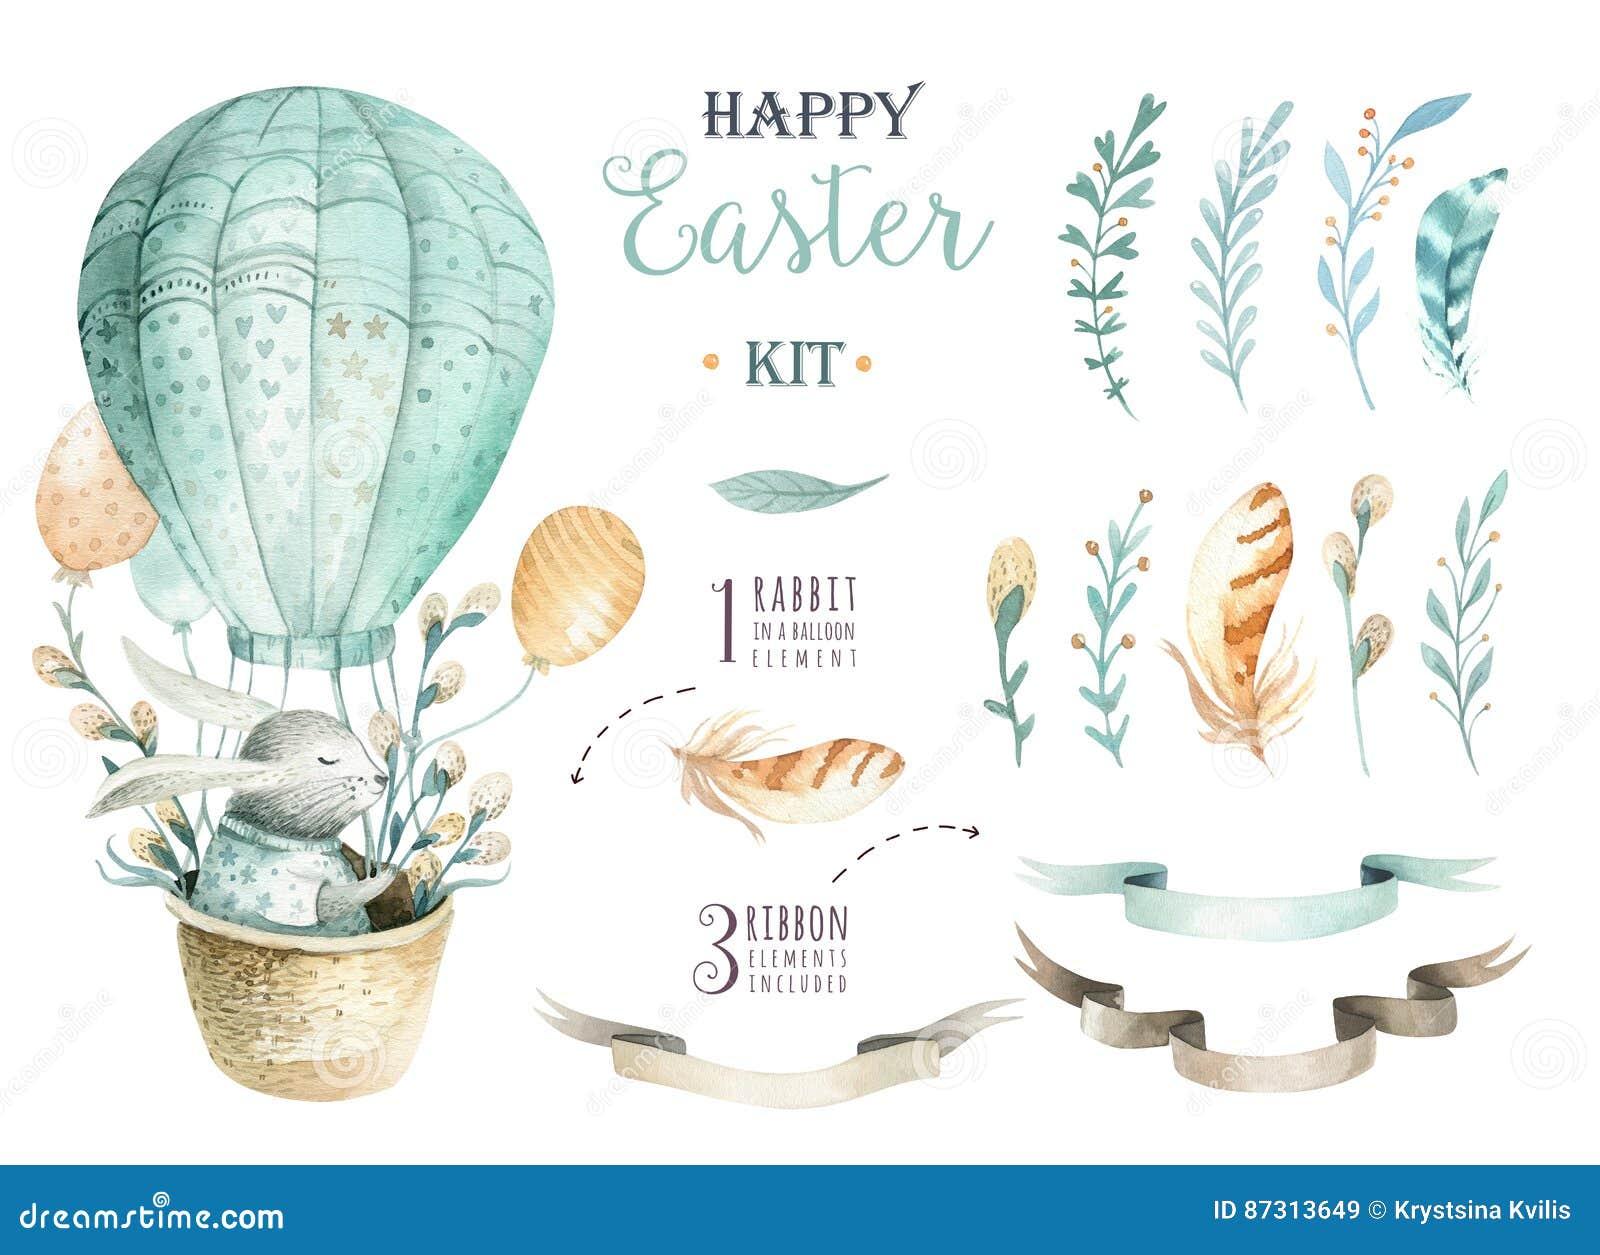 手拉的与兔宝宝的水彩愉快的复活节集合设计 Rabb